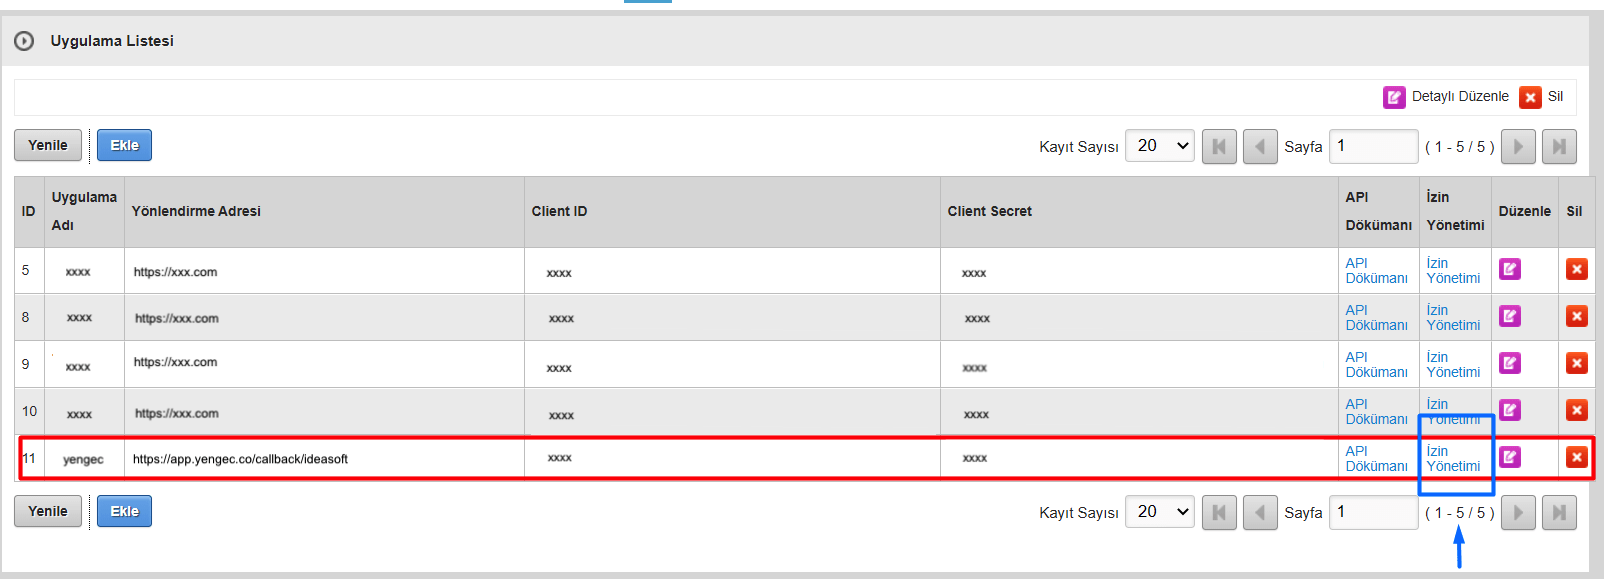 IdeaSoft paneli API izin yönetimi ekran görüntüsü